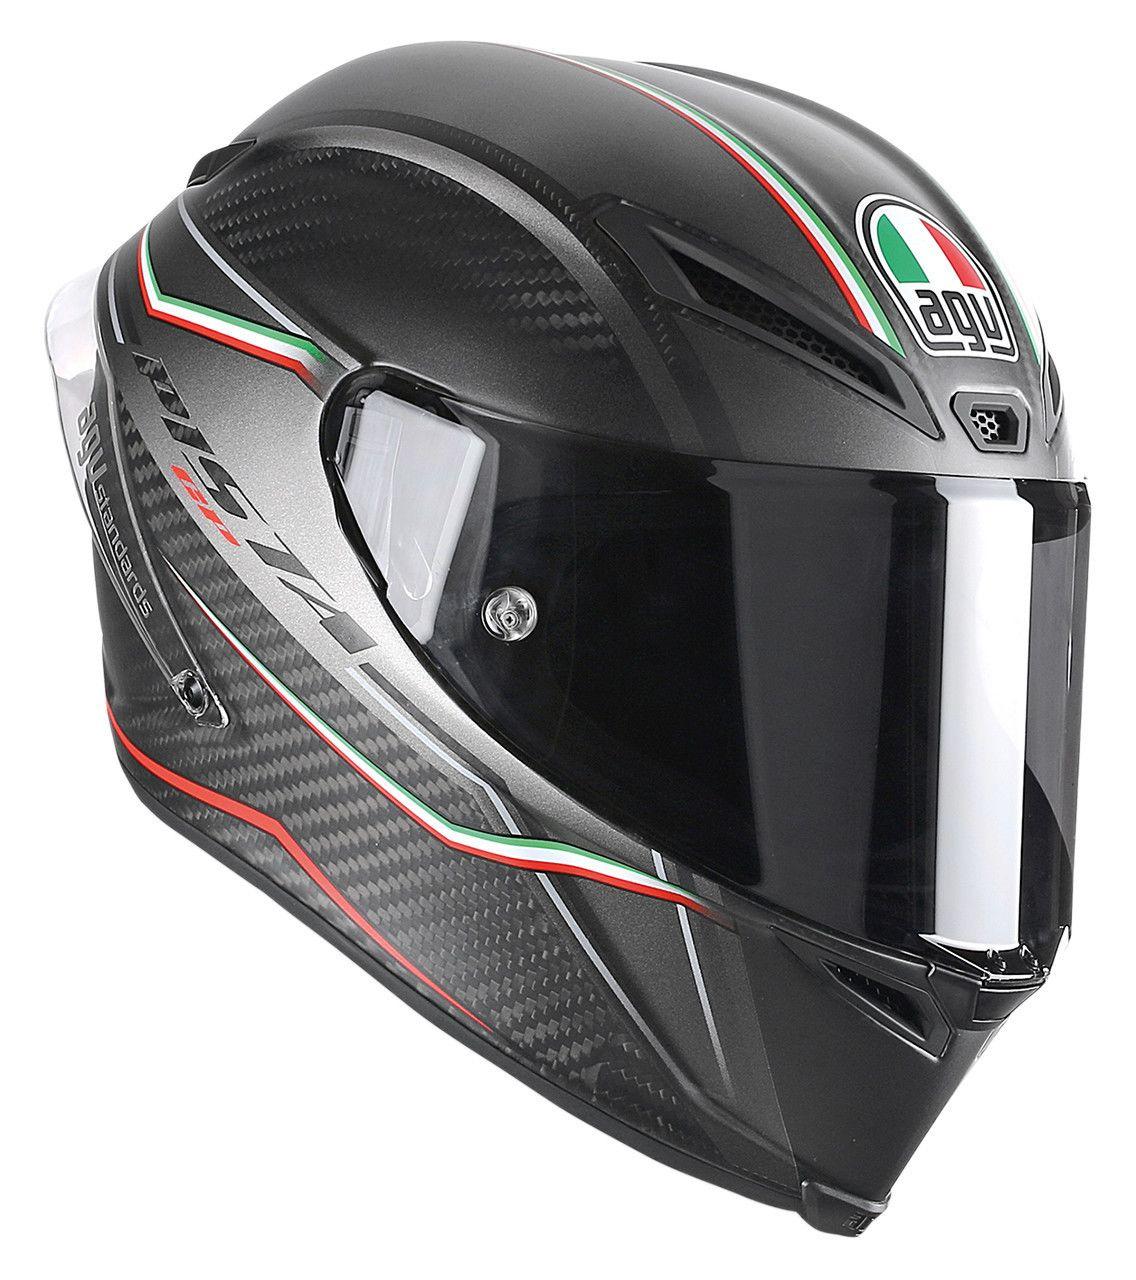 Helmet White One Industries